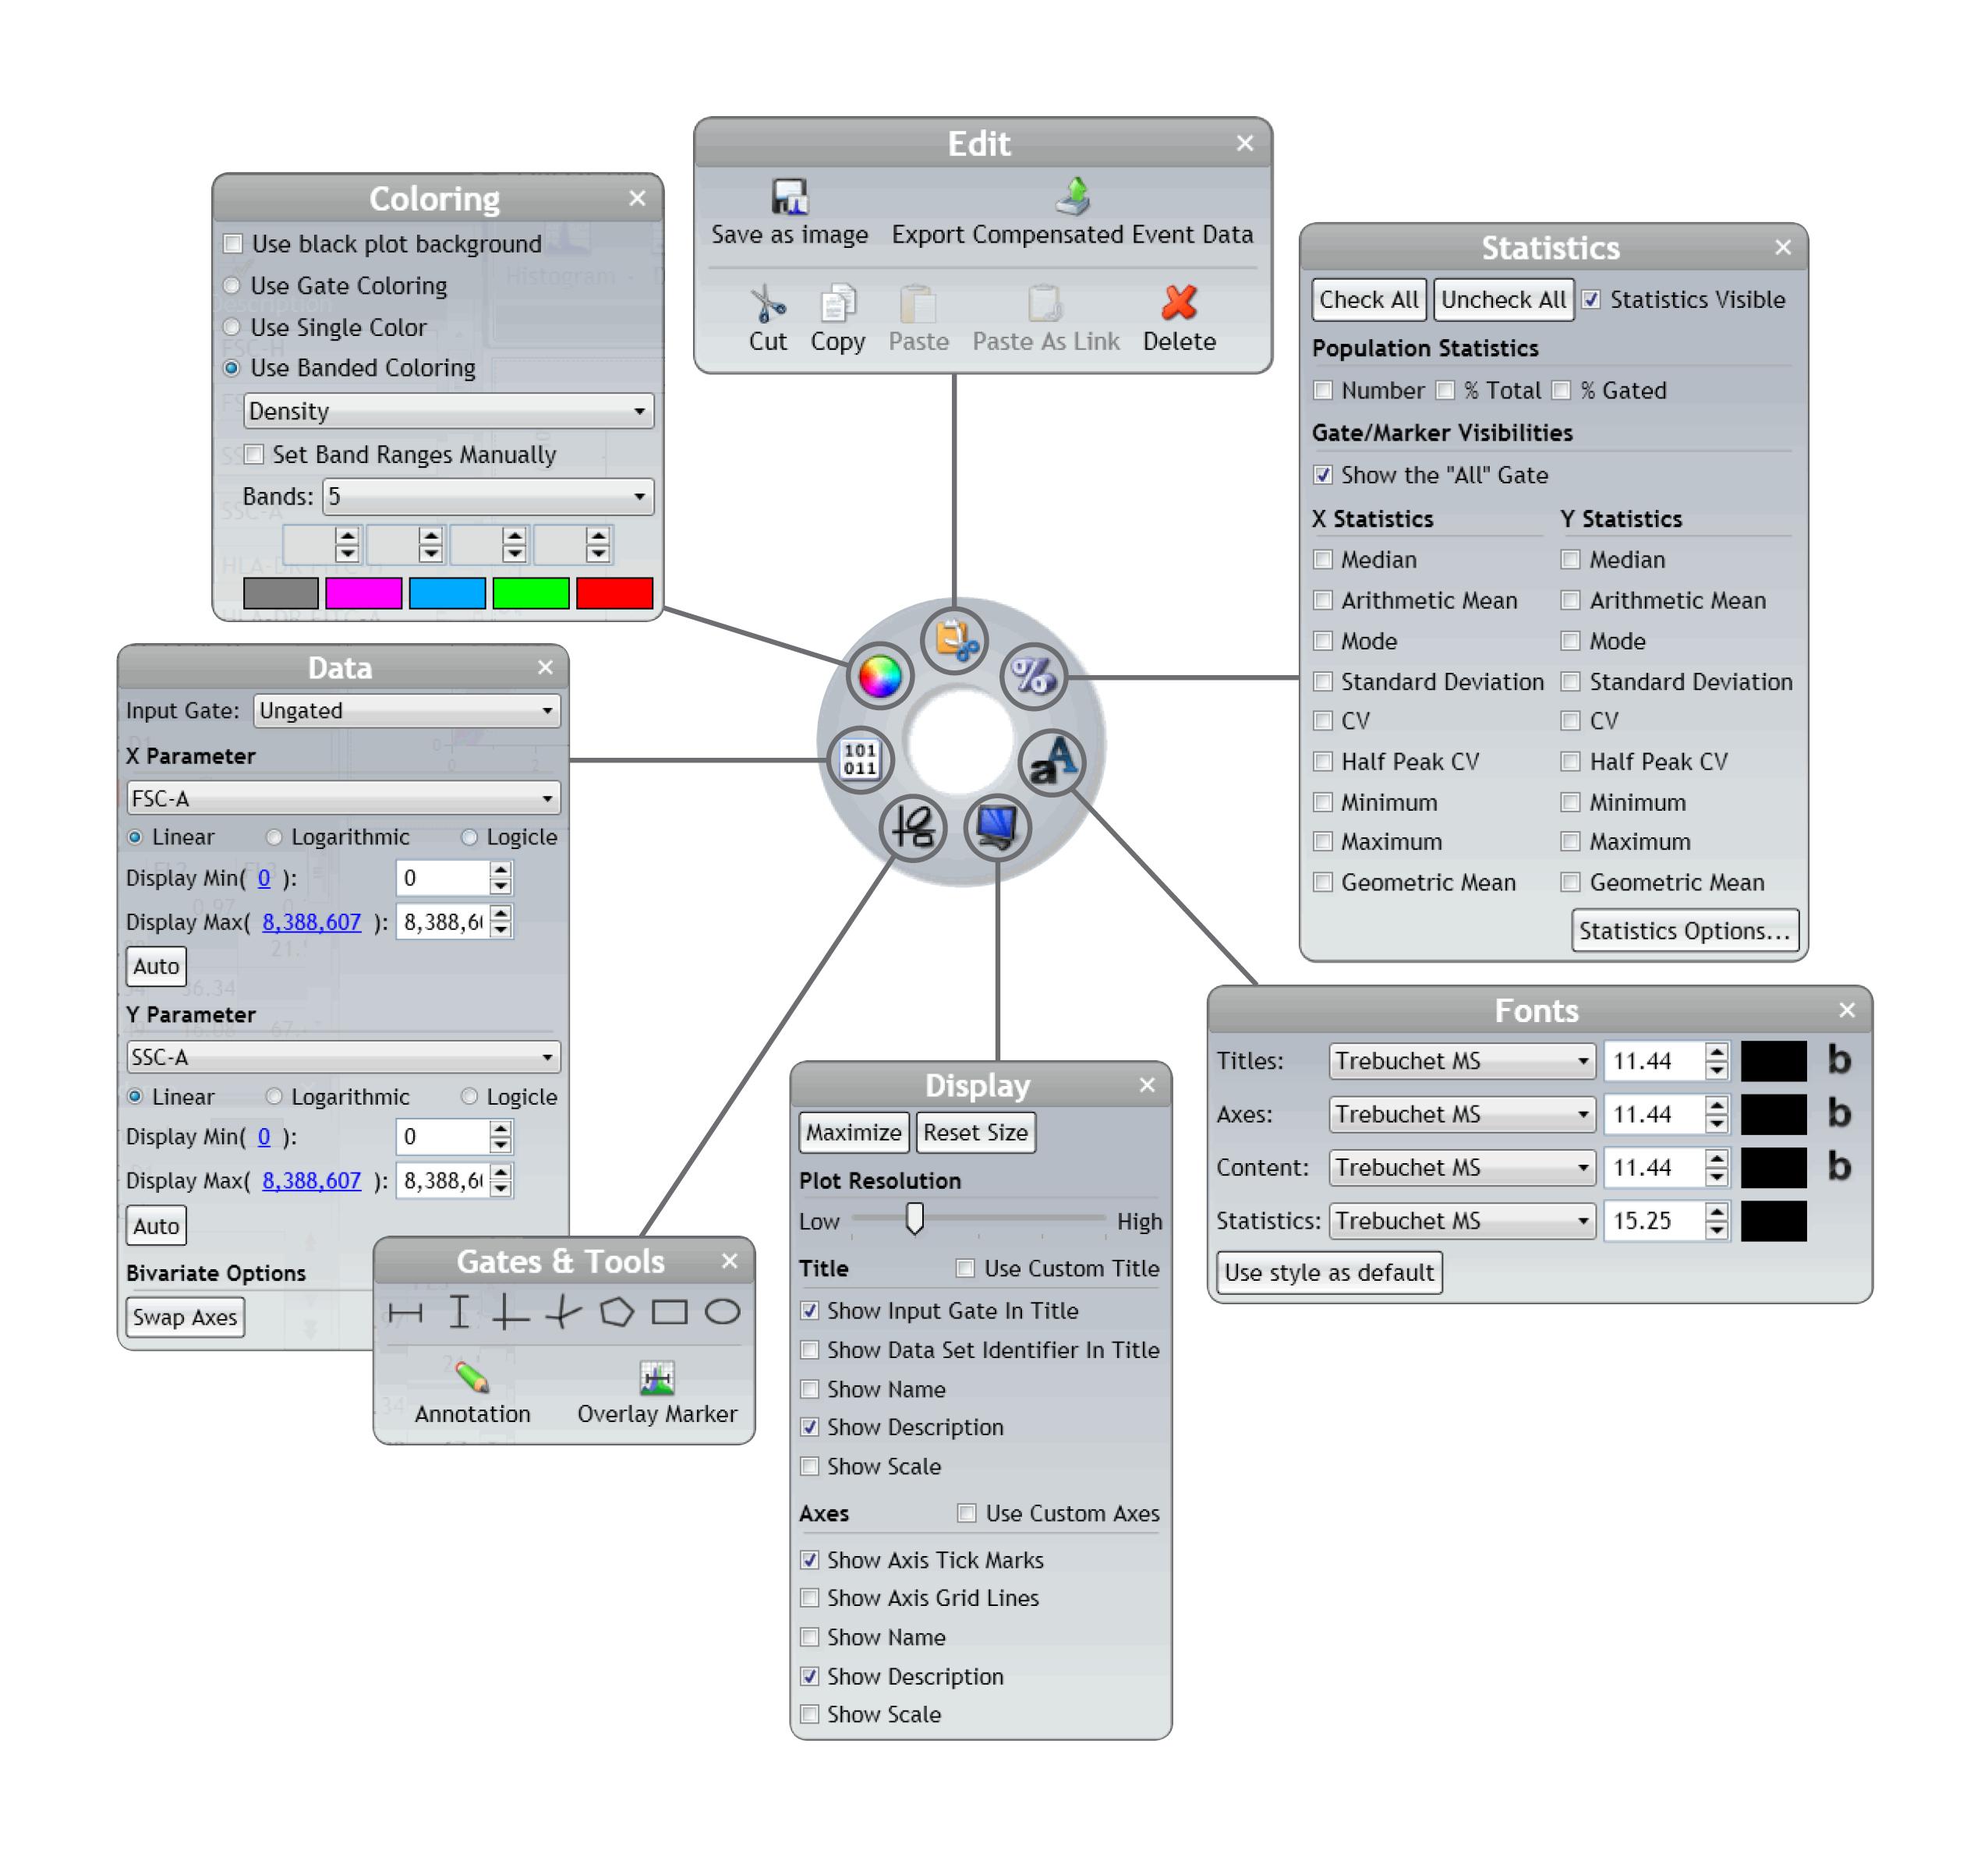 Контекстно-ориентированные радиальные меню программного обеспечения Kaluza Analysis